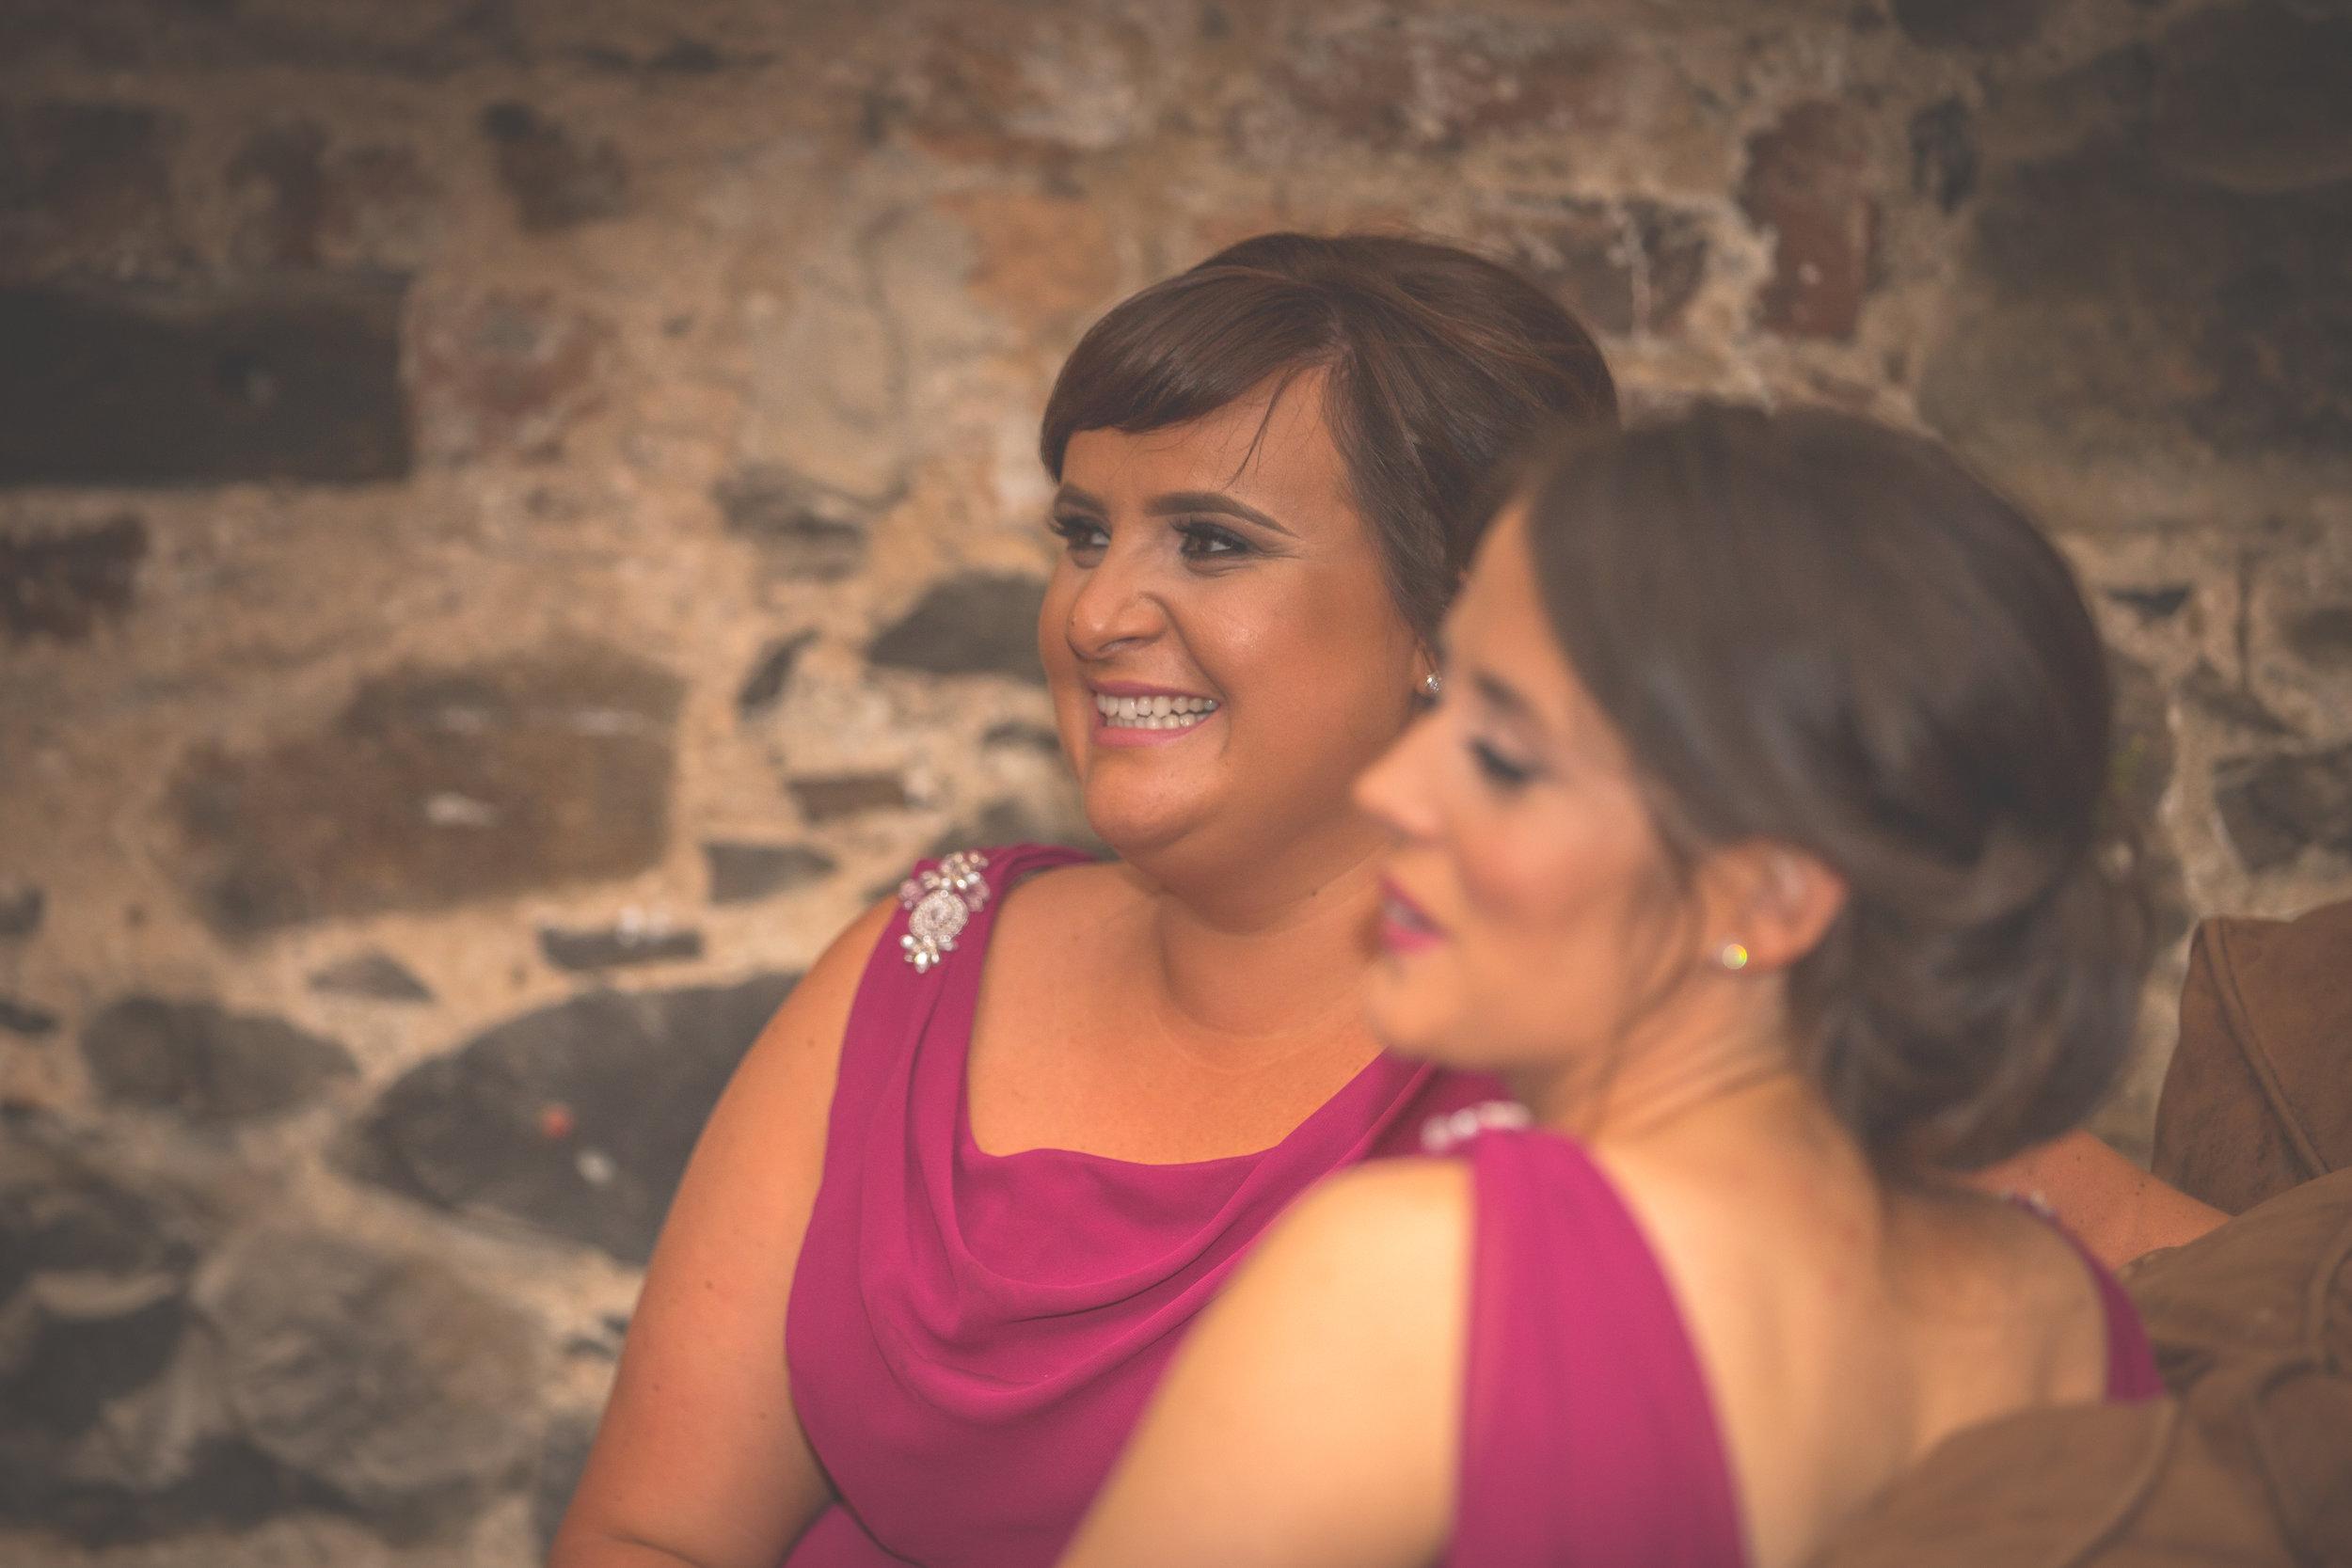 Brian McEwan Wedding Photography | Carol-Anne & Sean | The Speeches-30.jpg